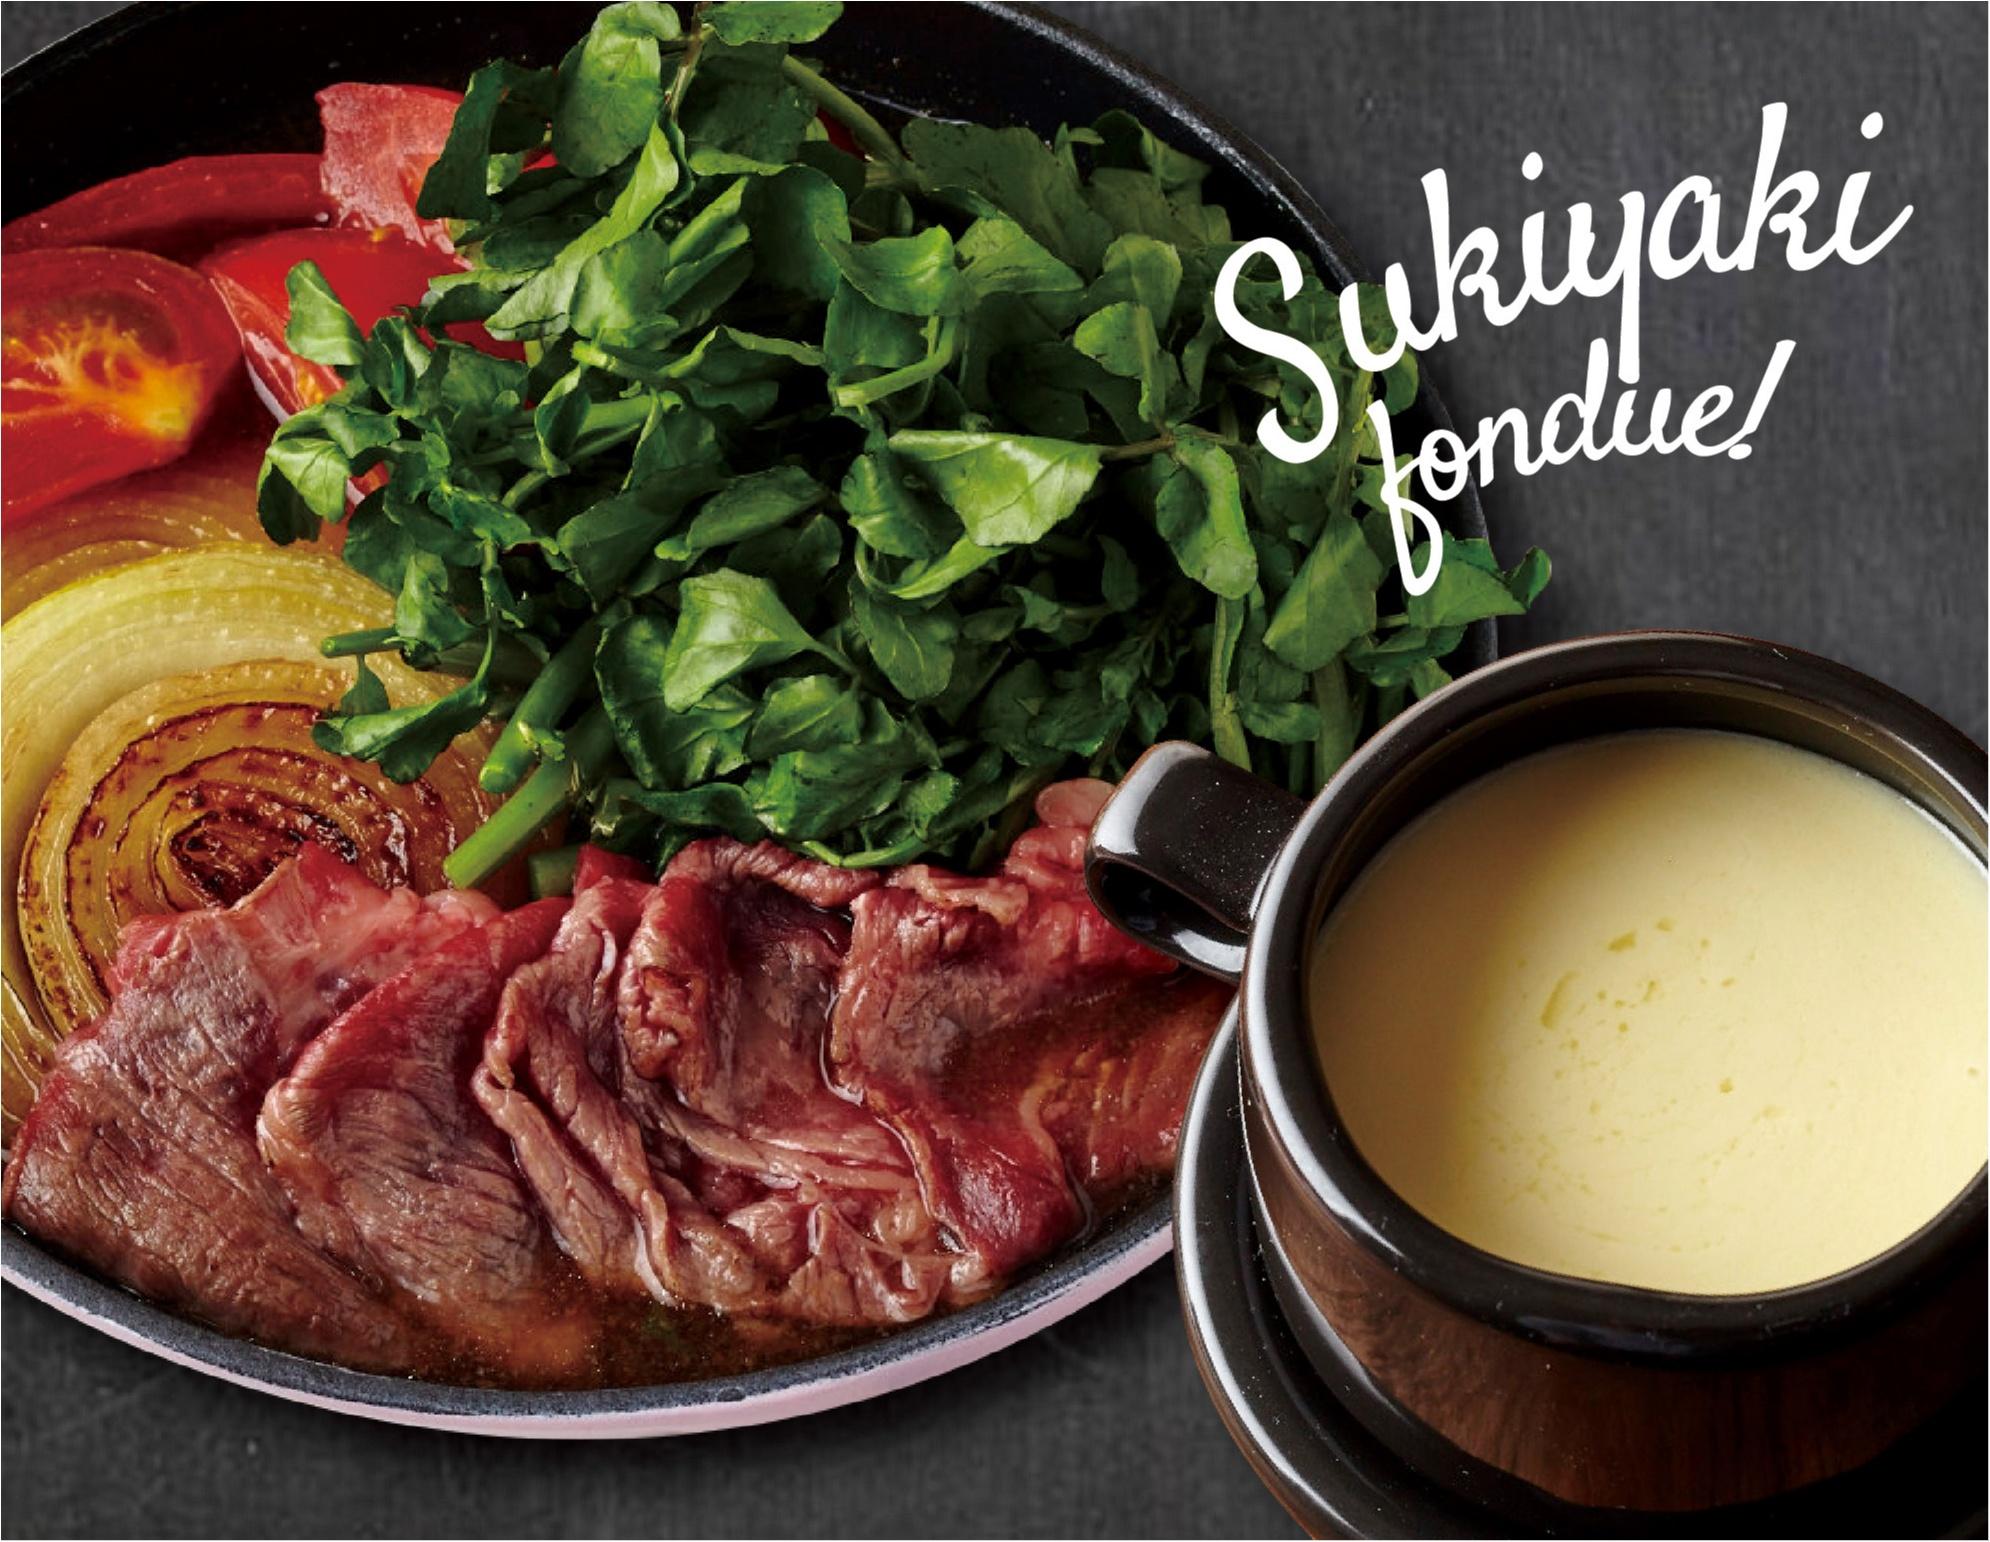 大好きなスキヤキをチーズに絡めて召し上がれ♡ 『アイビアー・ルサンパーム』の新チーズフォンデュ!_1